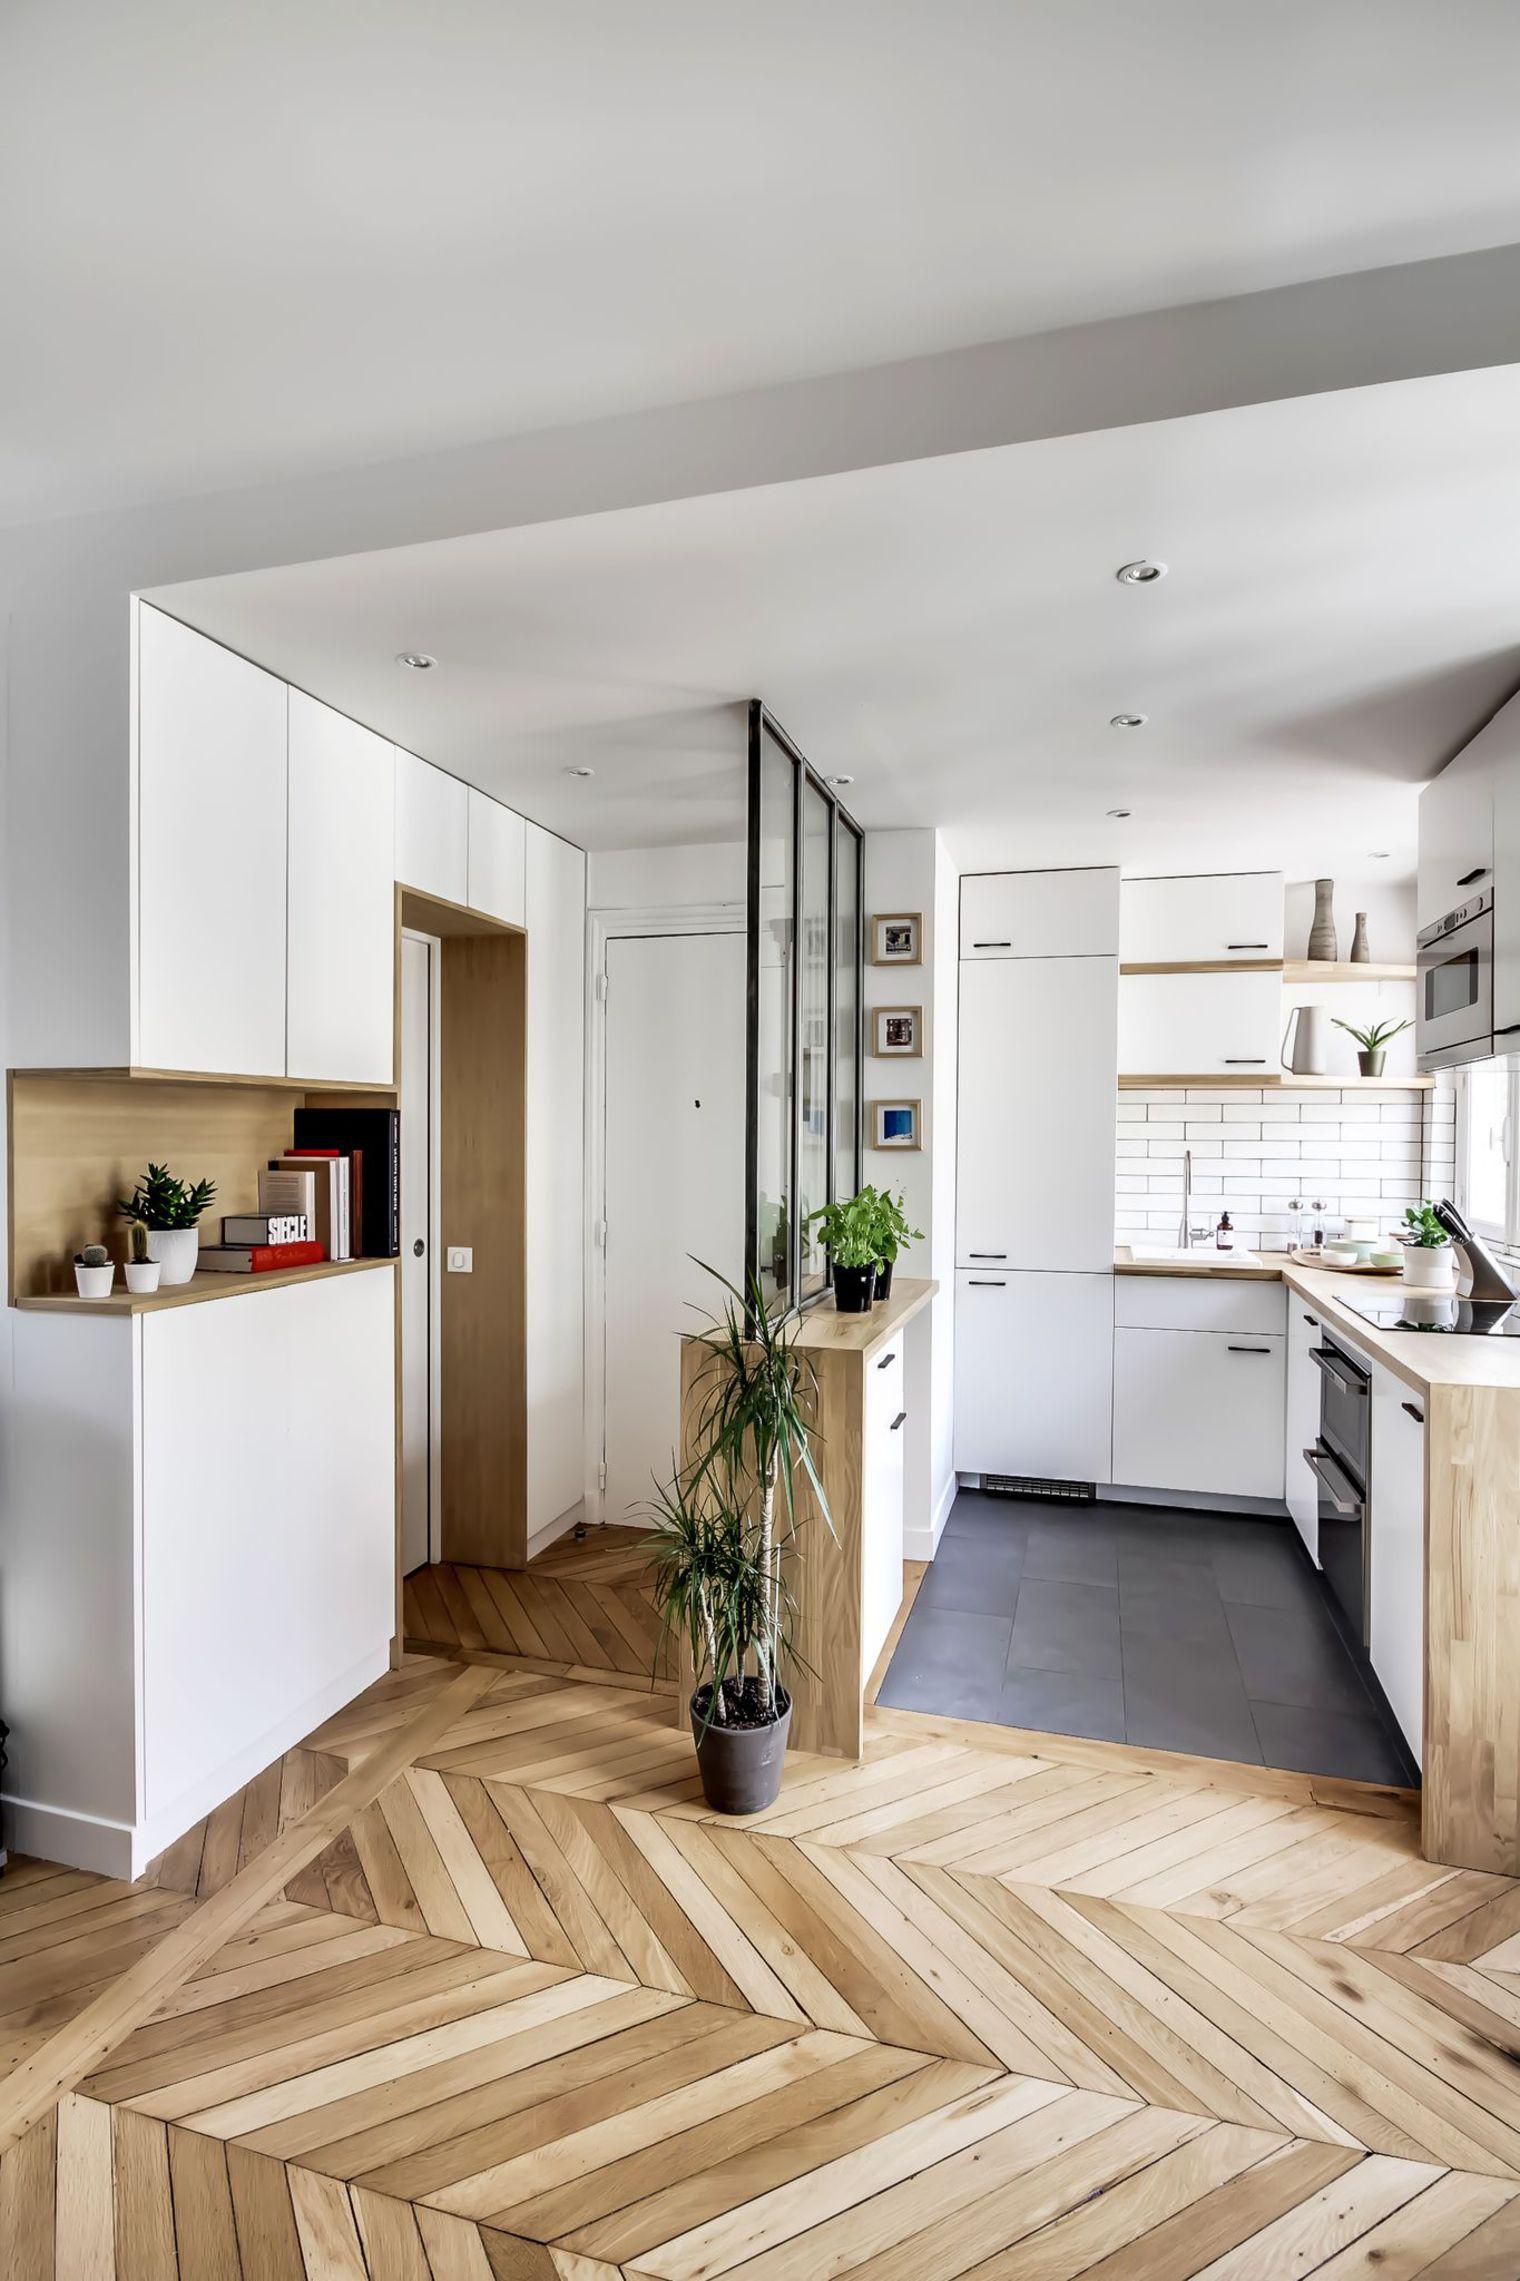 Sau cải tạo, căn hộ 38m² đẹp hoàn hảo mọi góc nhìn   - Ảnh 4.